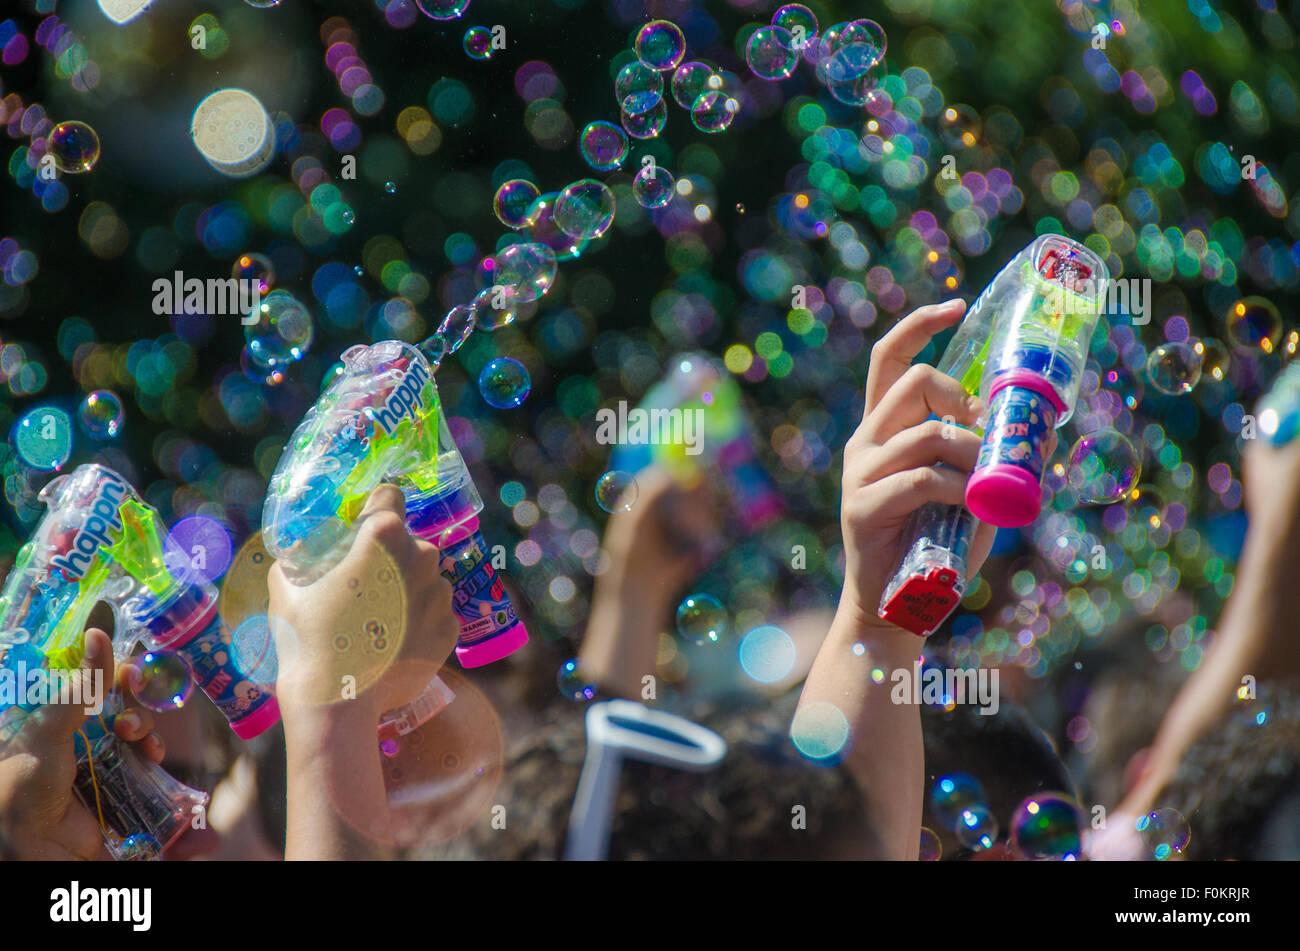 Millones de burbujas flotan en el aire en la Ciudad de Nueva York bublé anual del tiroteo en Union Square Park. Imagen De Stock